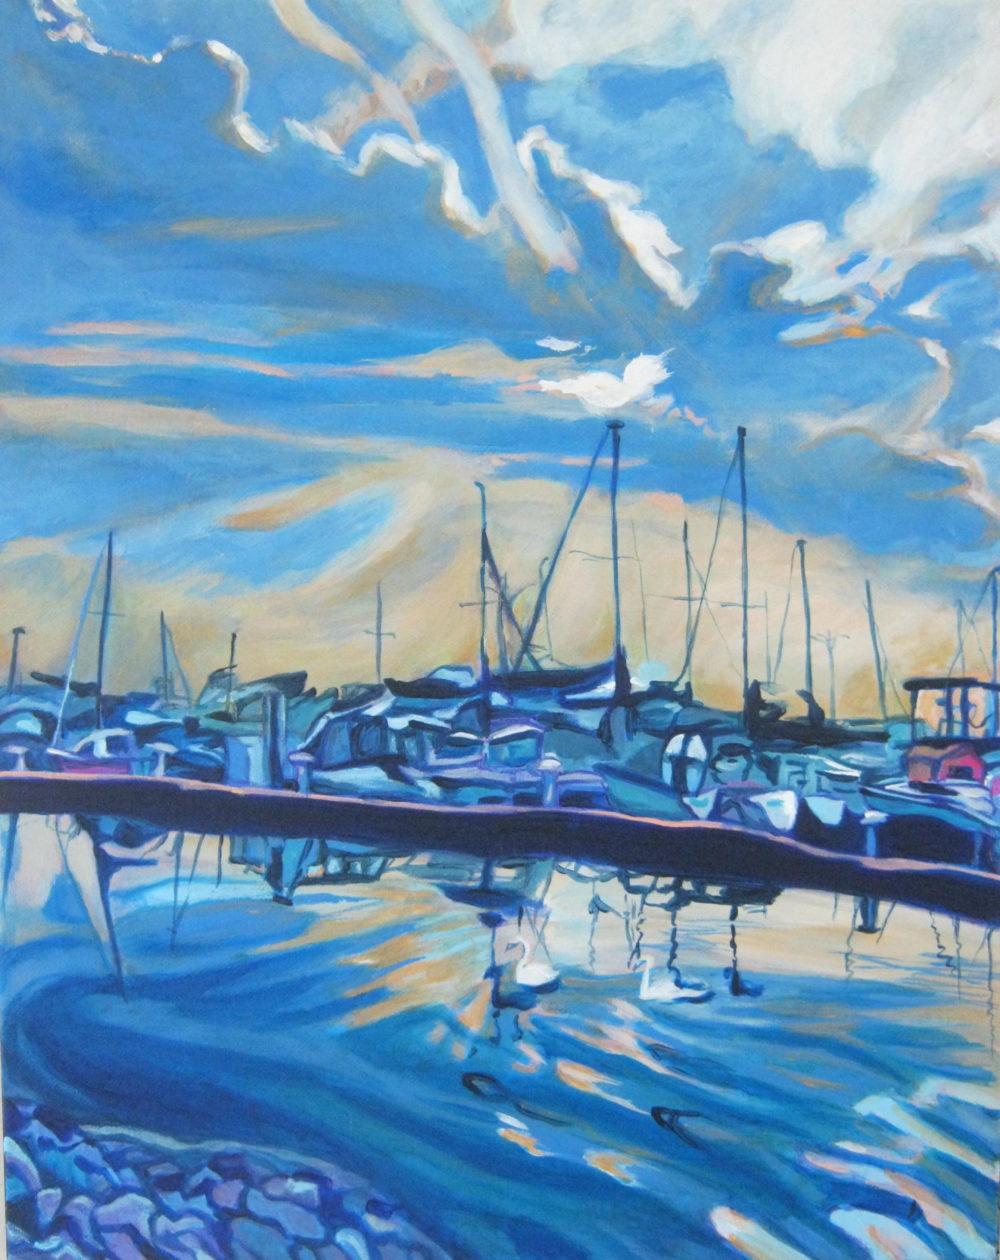 Sundari Harbour - Claudette Losier